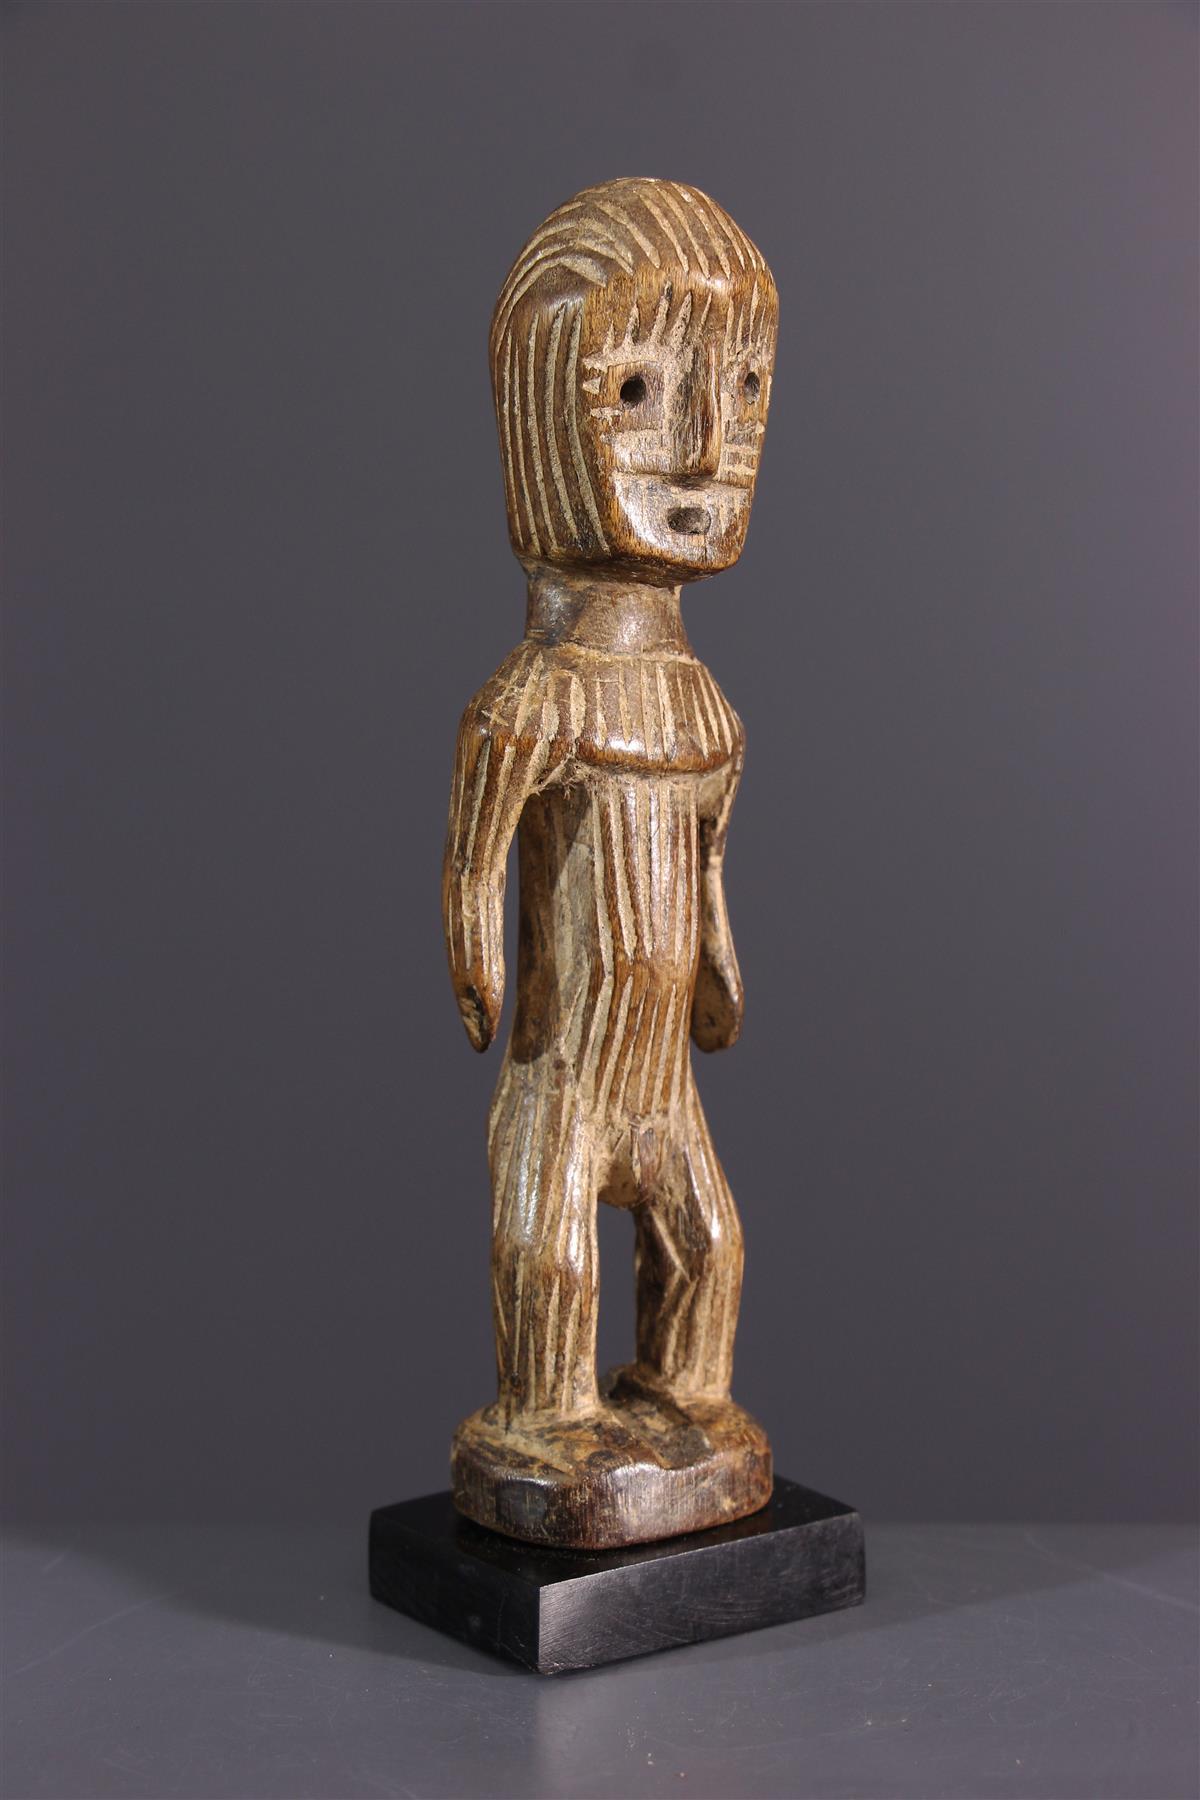 Metoko beeldje - African art